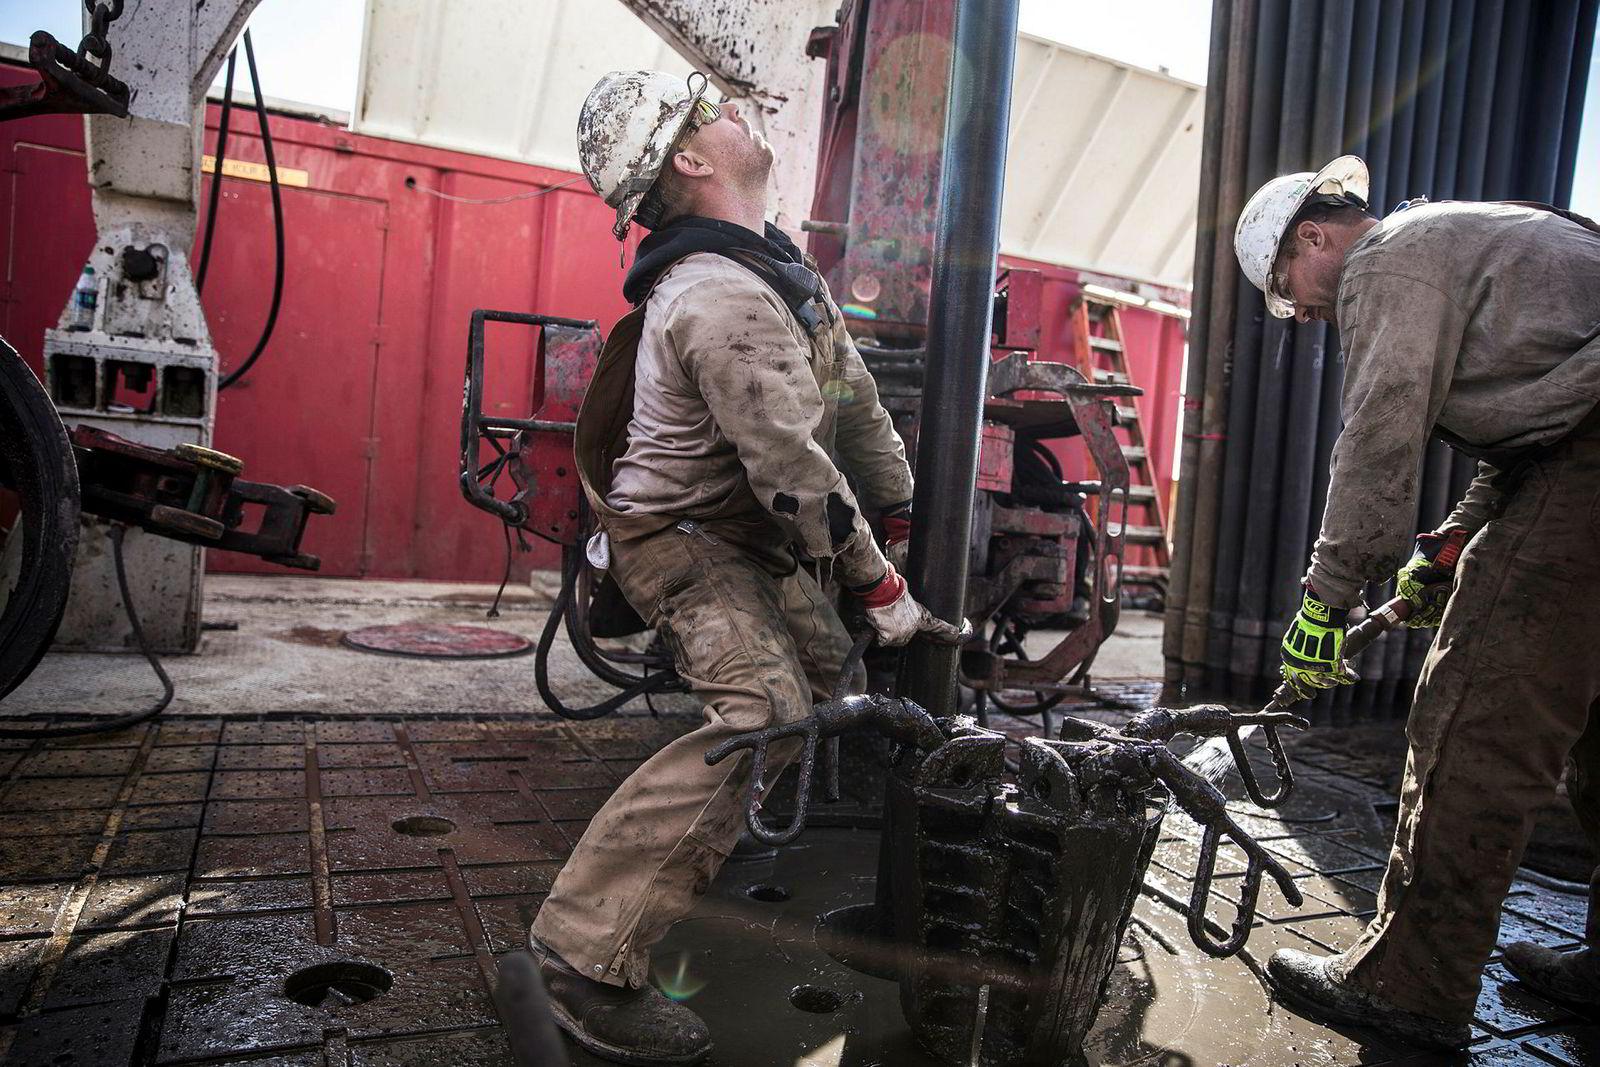 I Midland i Texas, senteret for oljefeltet Permian, bores det som aldri før. Den amerikanske oljeproduksjonen vil være over 11 millioner fat dagen i slutten av året, anslår Rystad Energy.